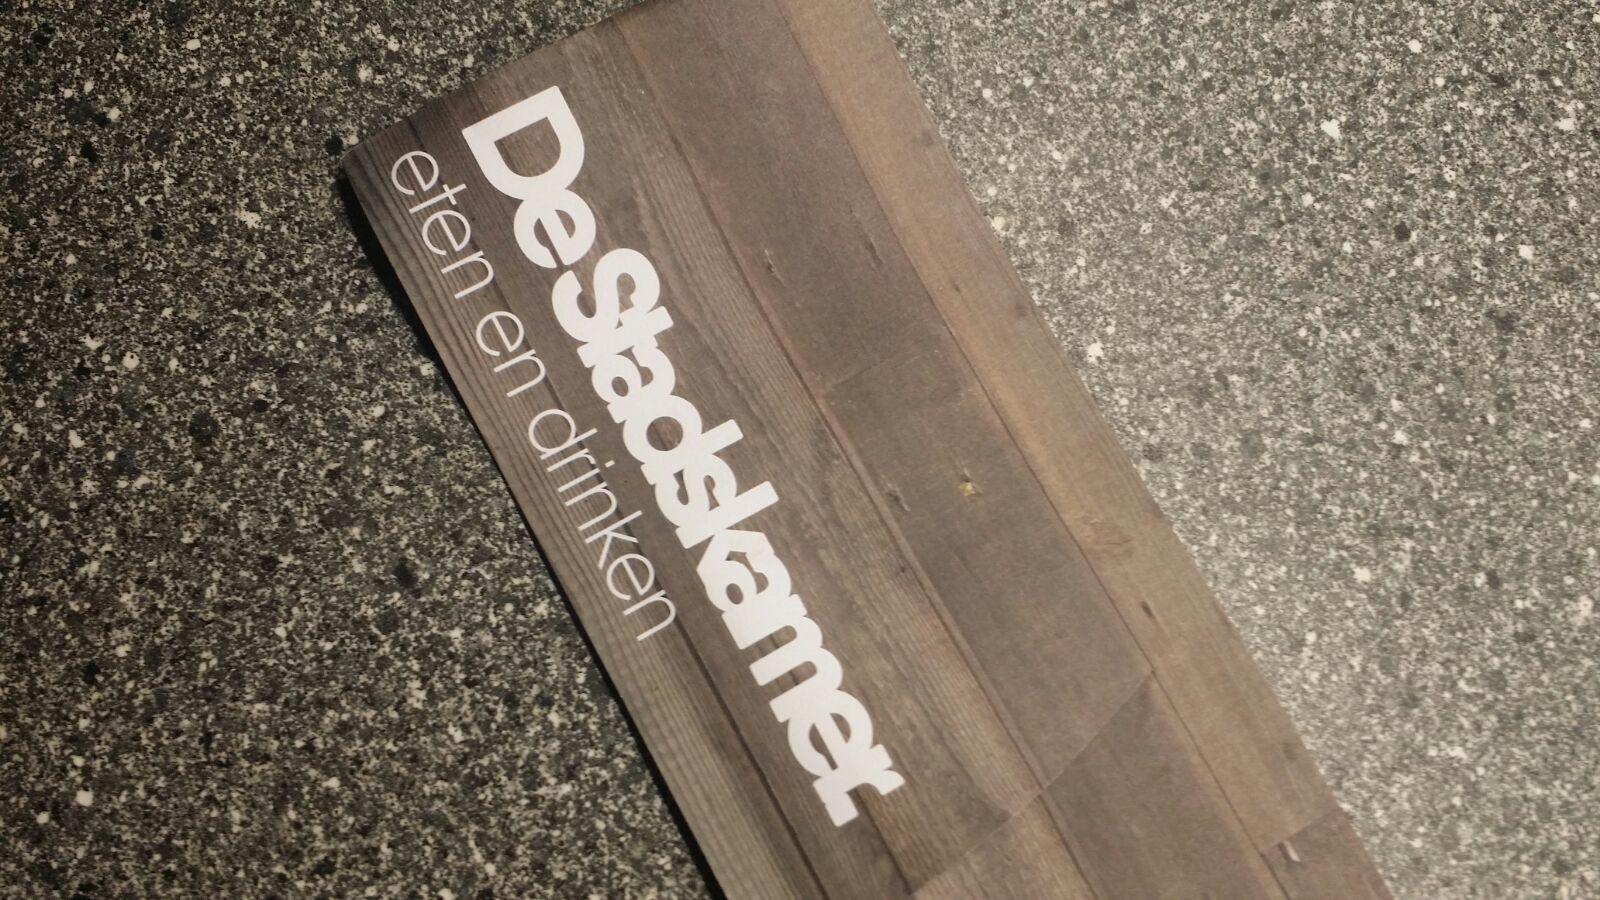 diow_deschatkamer